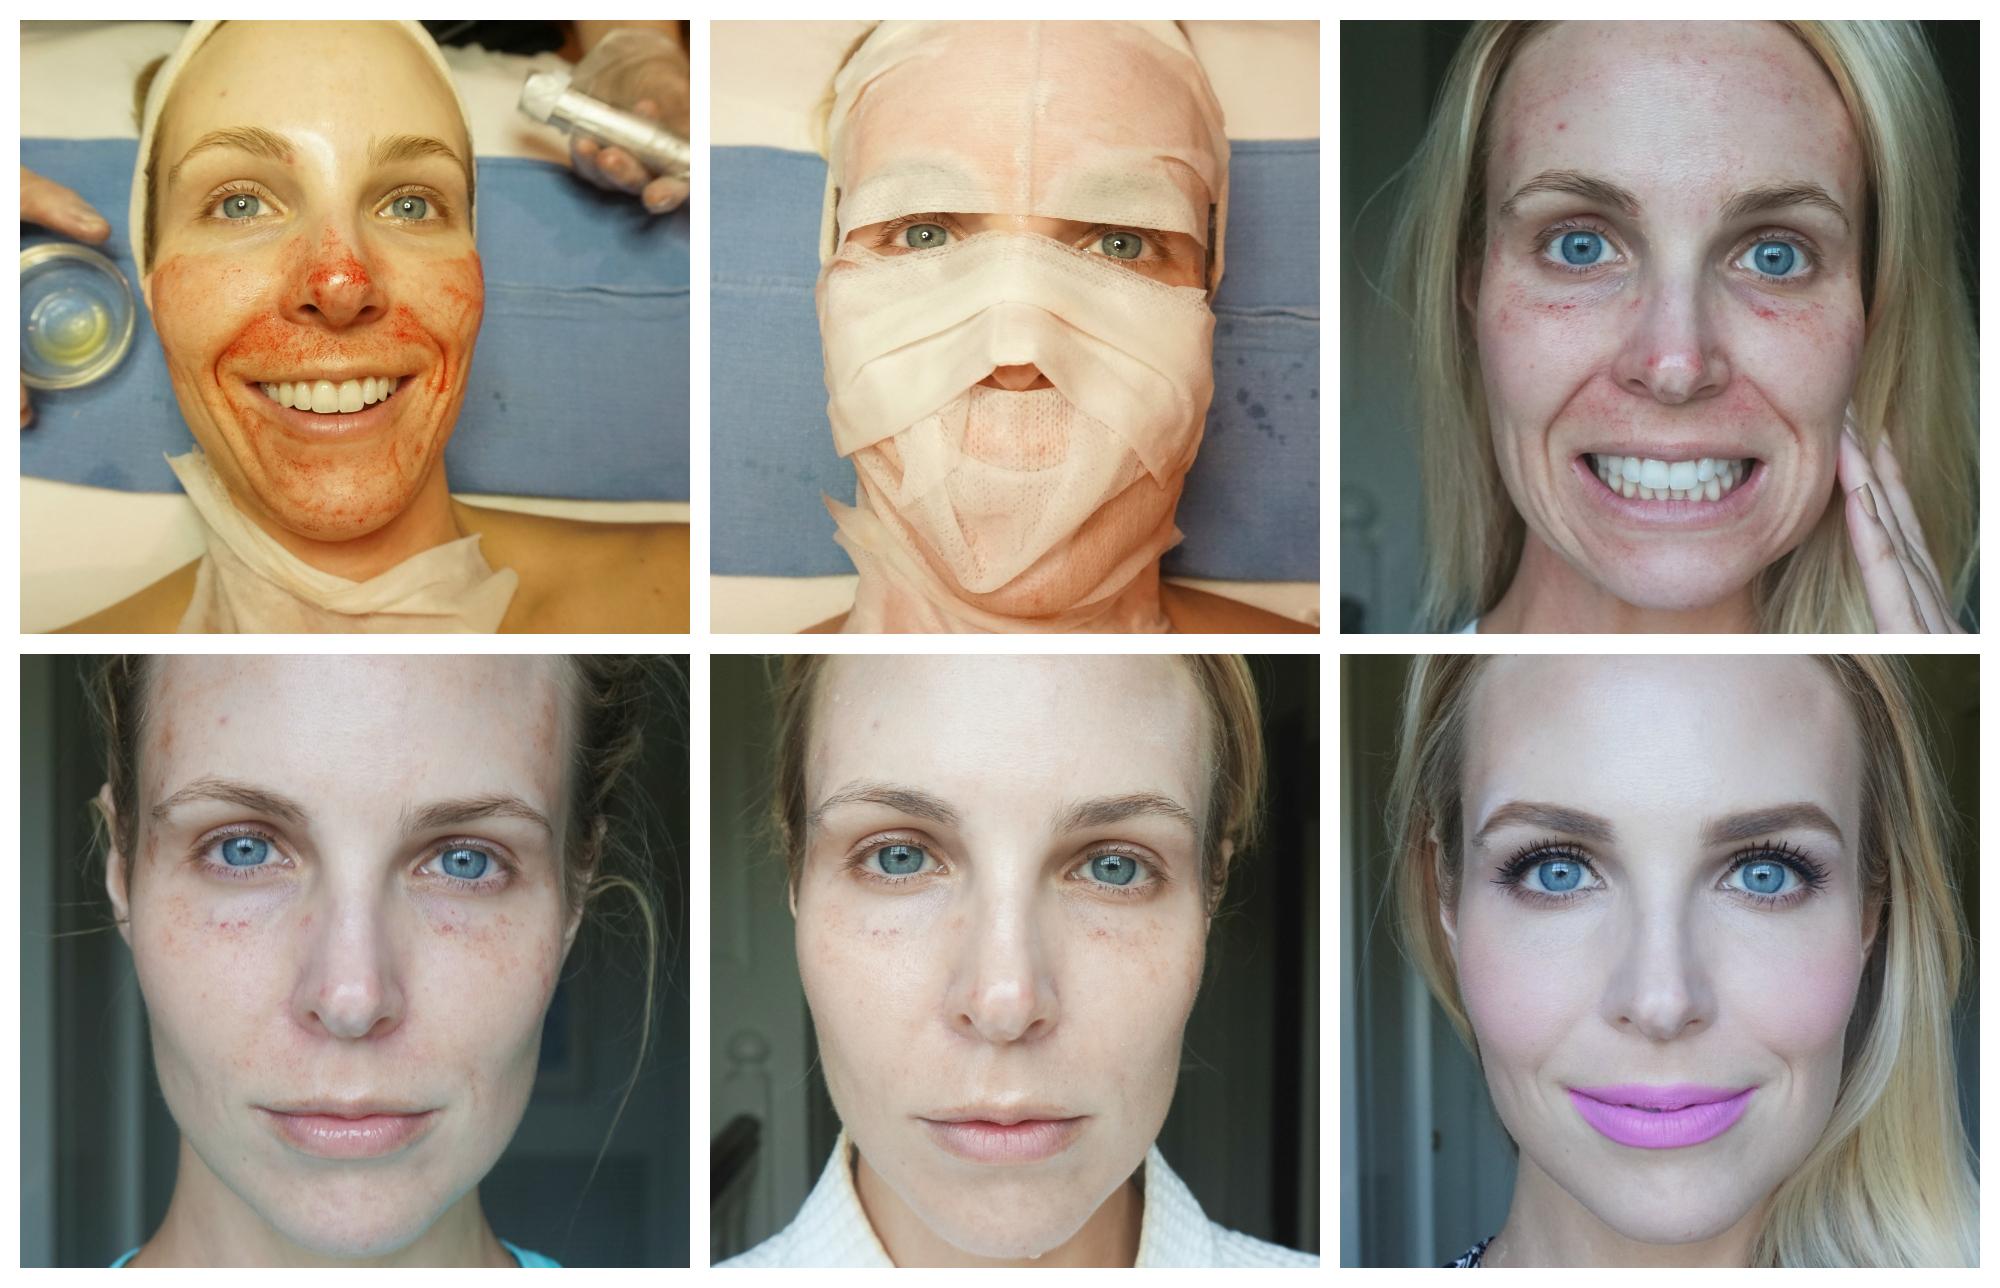 Лазерная шлифовка (подтяжка) лица: что это такое, отзывы, фото до и после омоложения